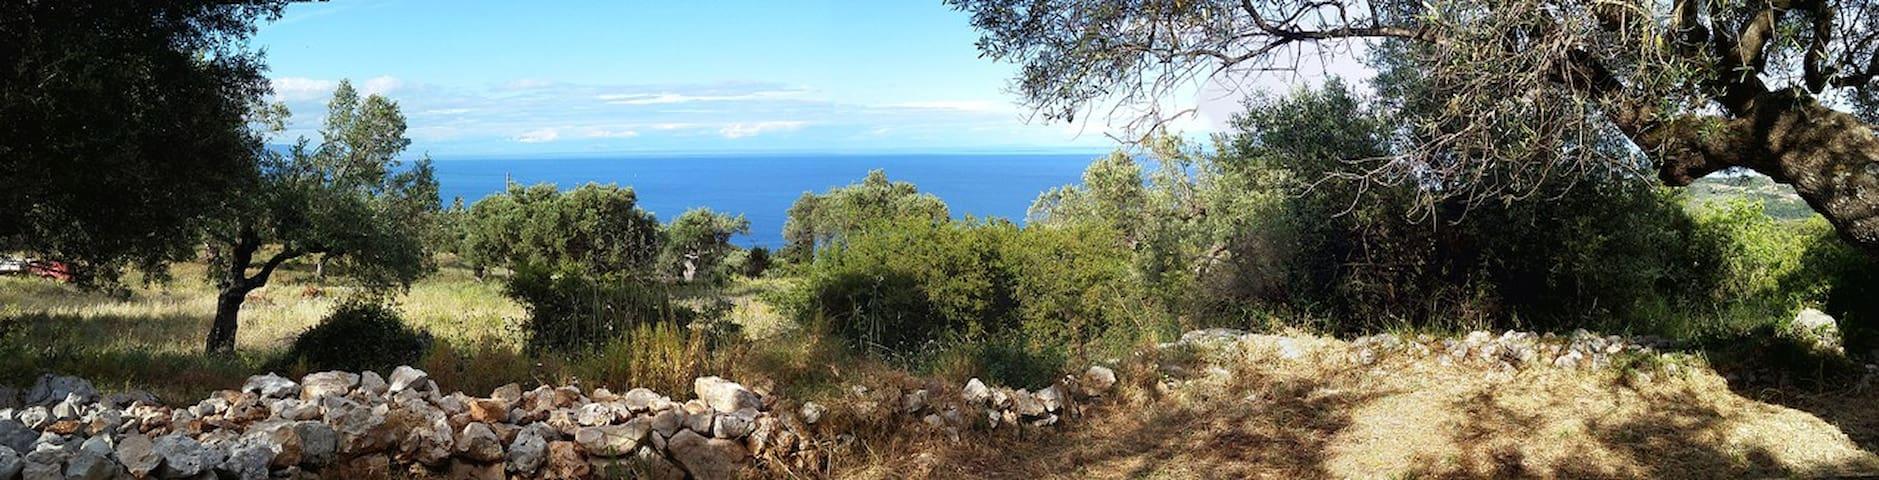 Elia Spiti: Ferienhaus in Griechenland - Mikro Nisi - บ้าน